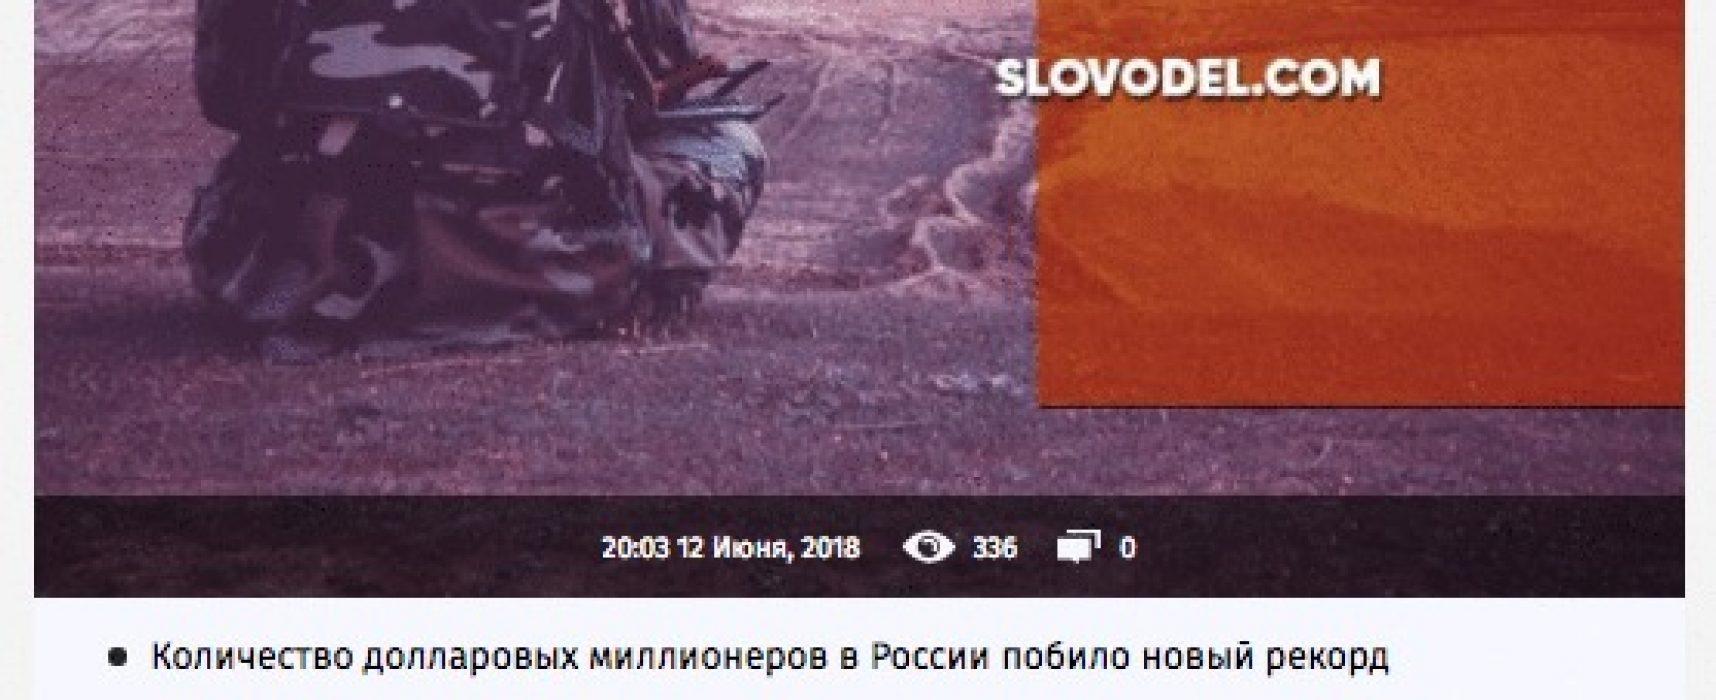 Lažna vest : Zapaženi ukrajinski vojnici koji nose ruske uniforme na Donbasu